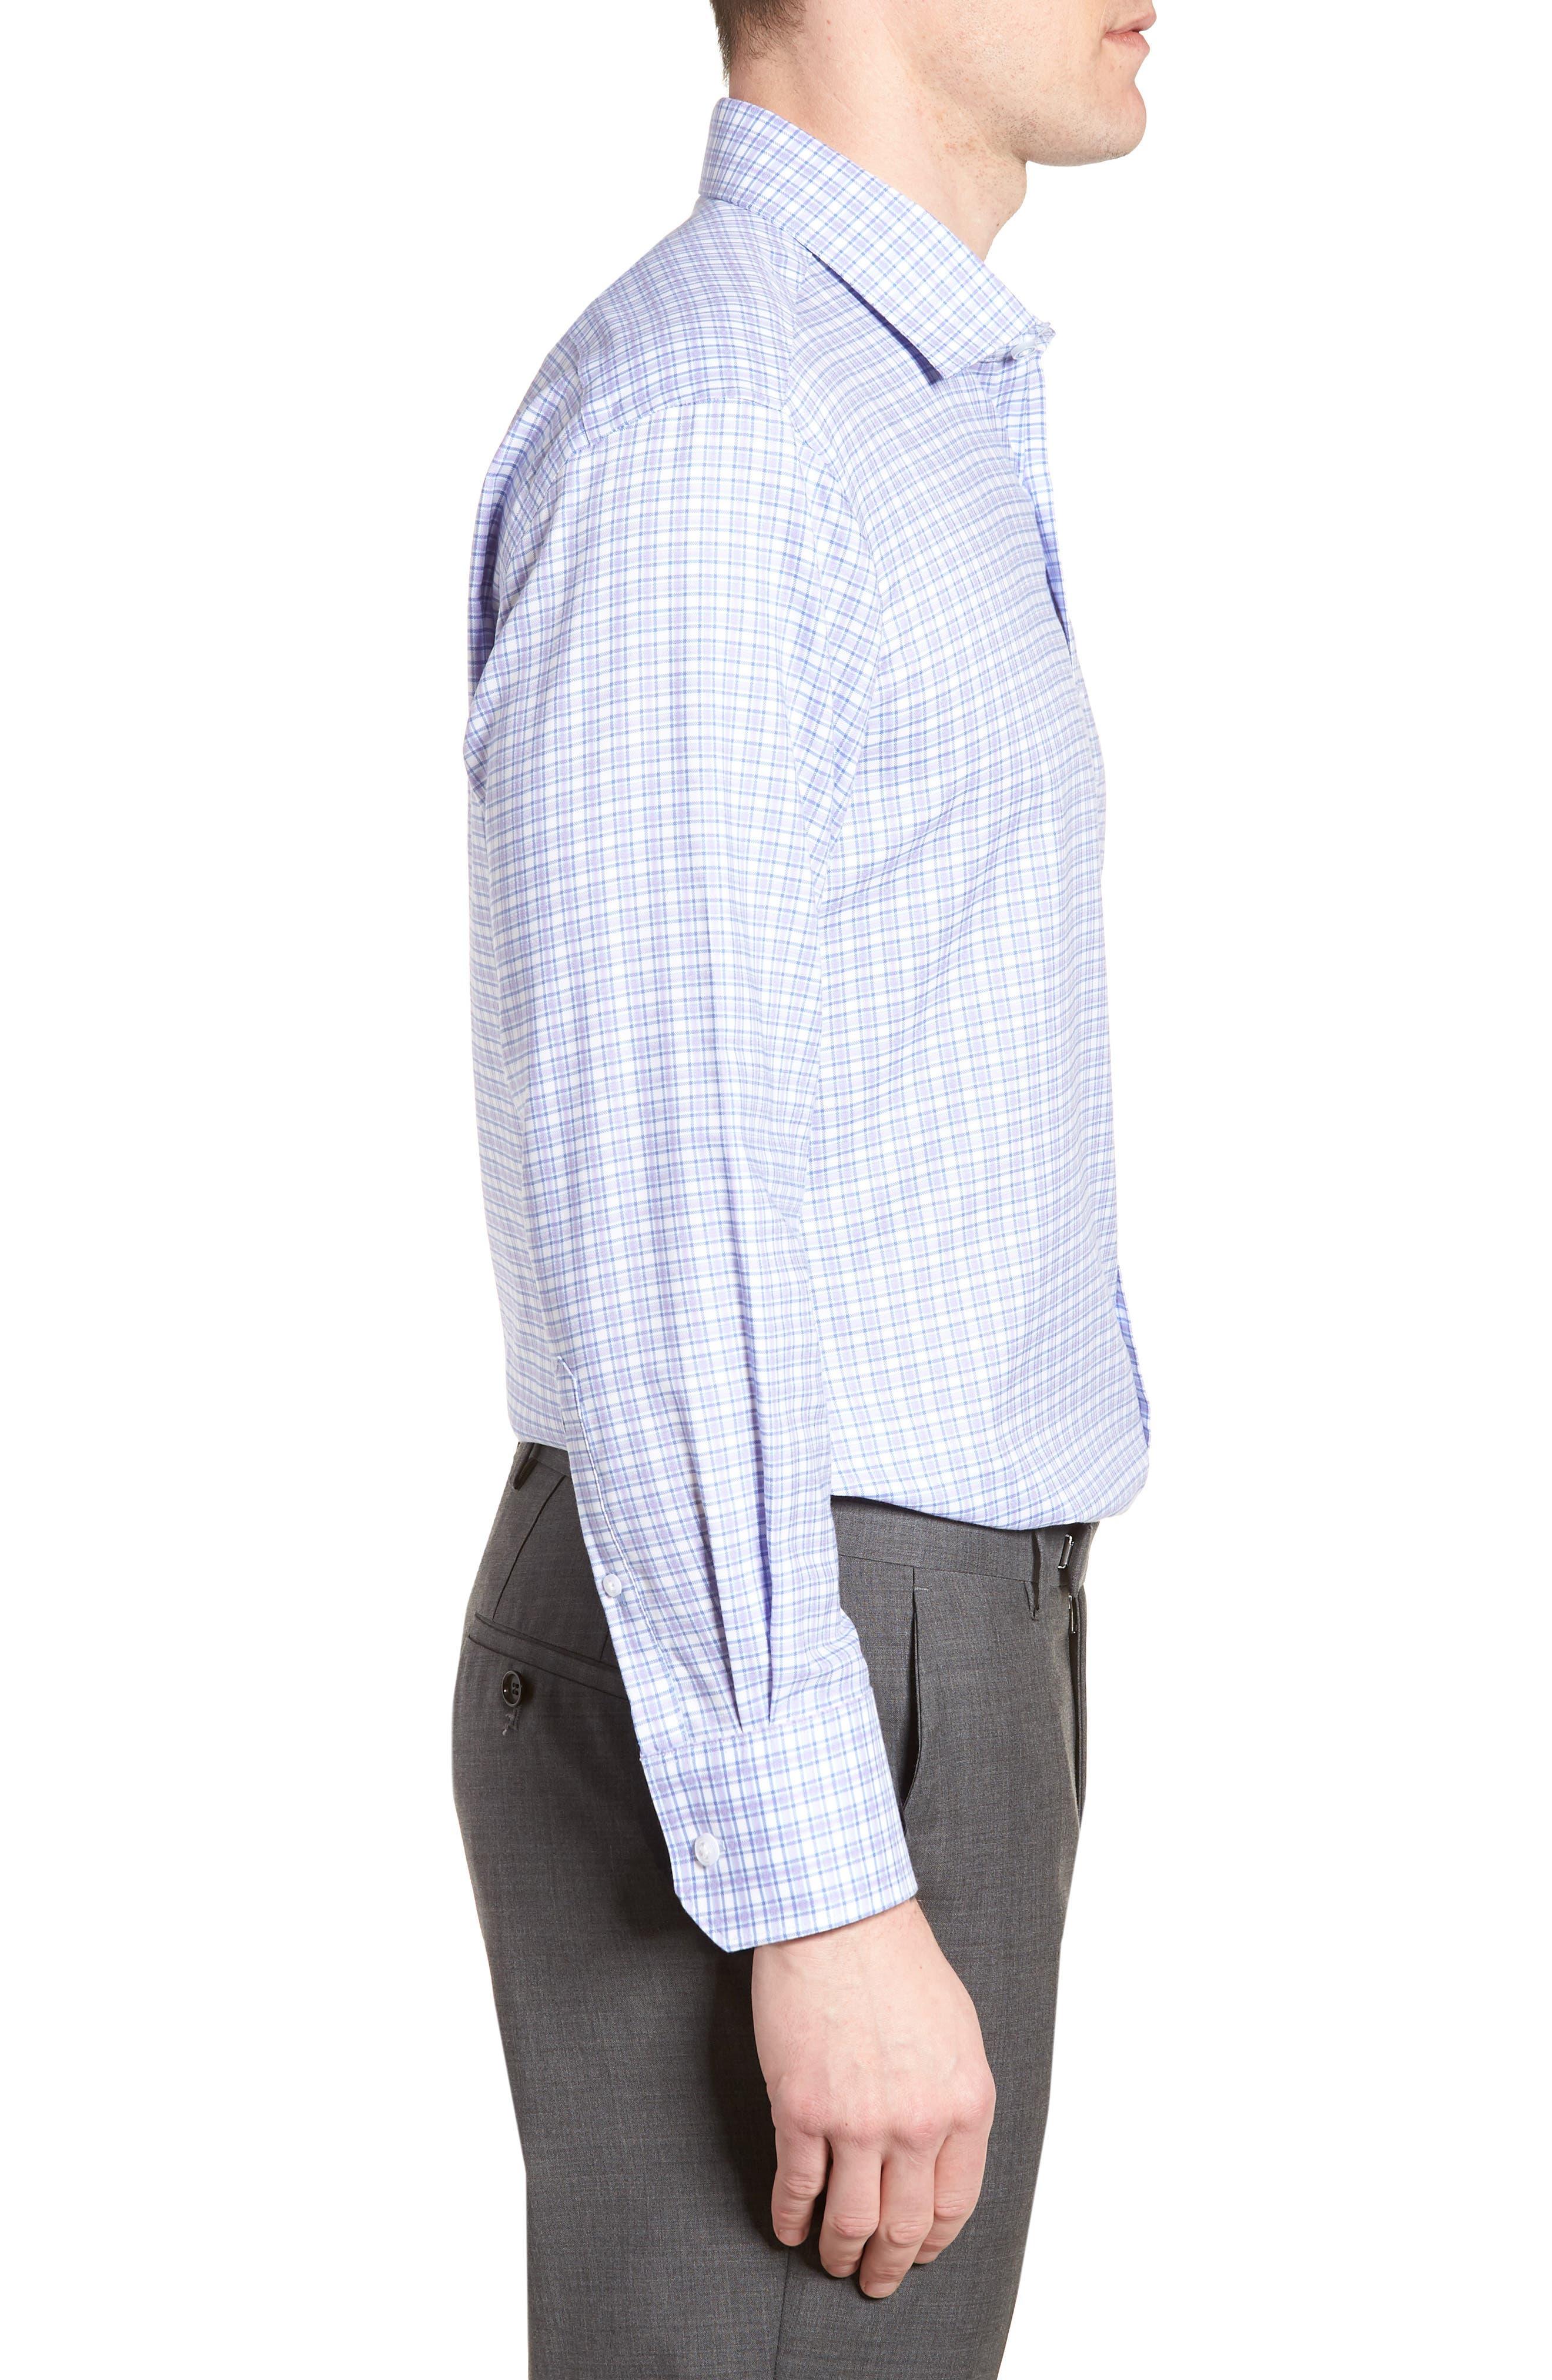 Neil Trim Fit Check Dress Shirt,                             Alternate thumbnail 4, color,                             Lavender